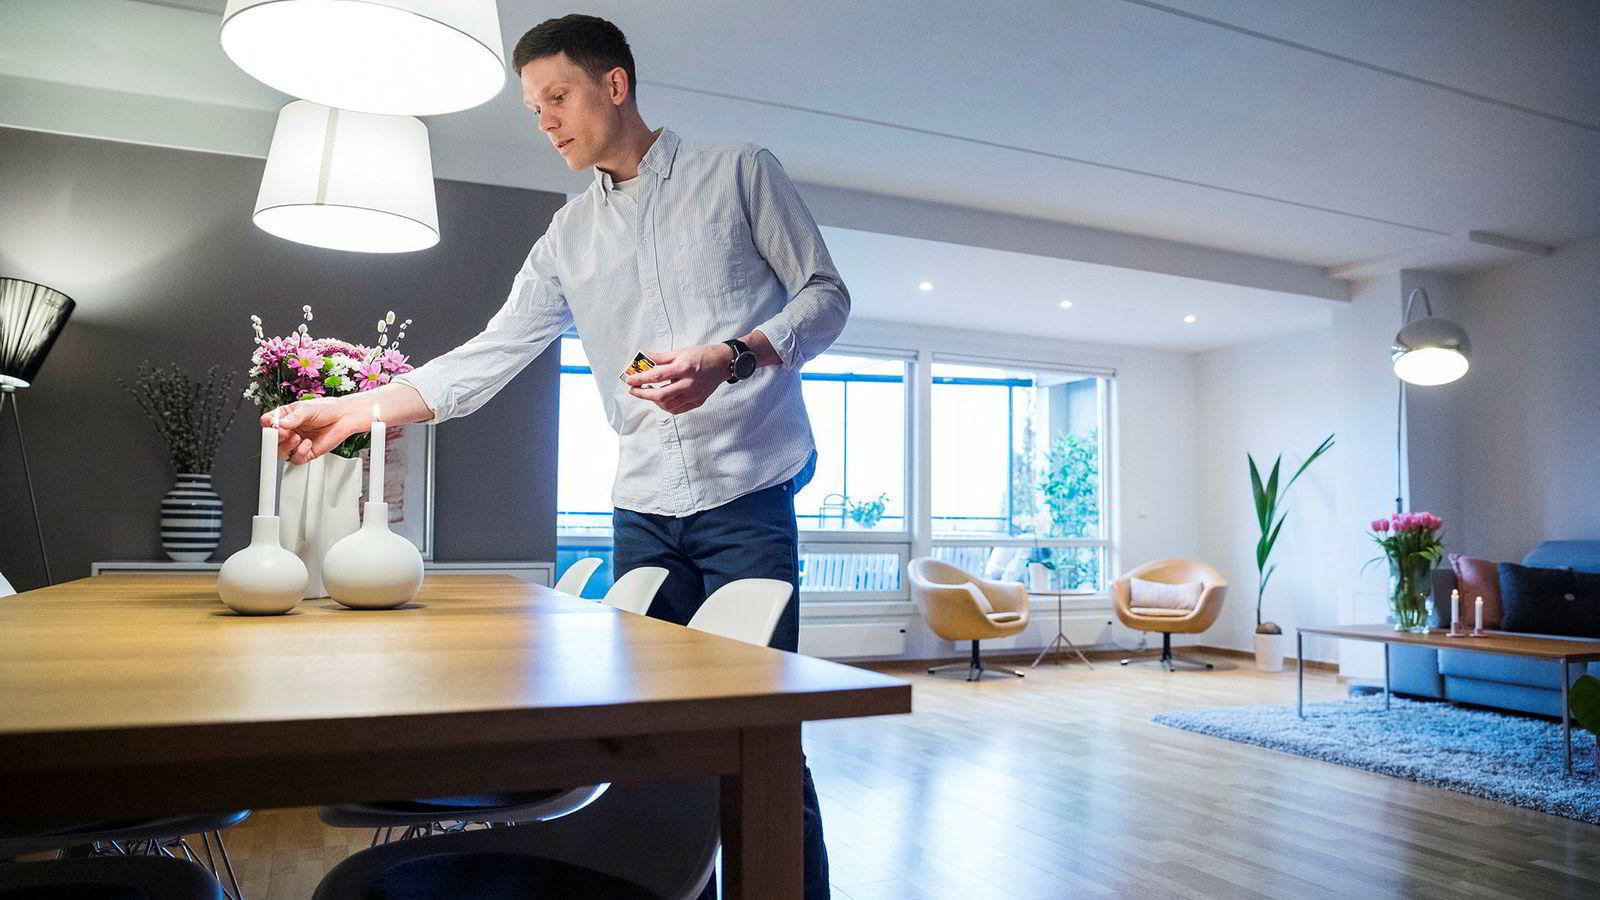 Martin Paulson (35) gjør de siste forberedelsene før visningen på leiligheten hans starter.